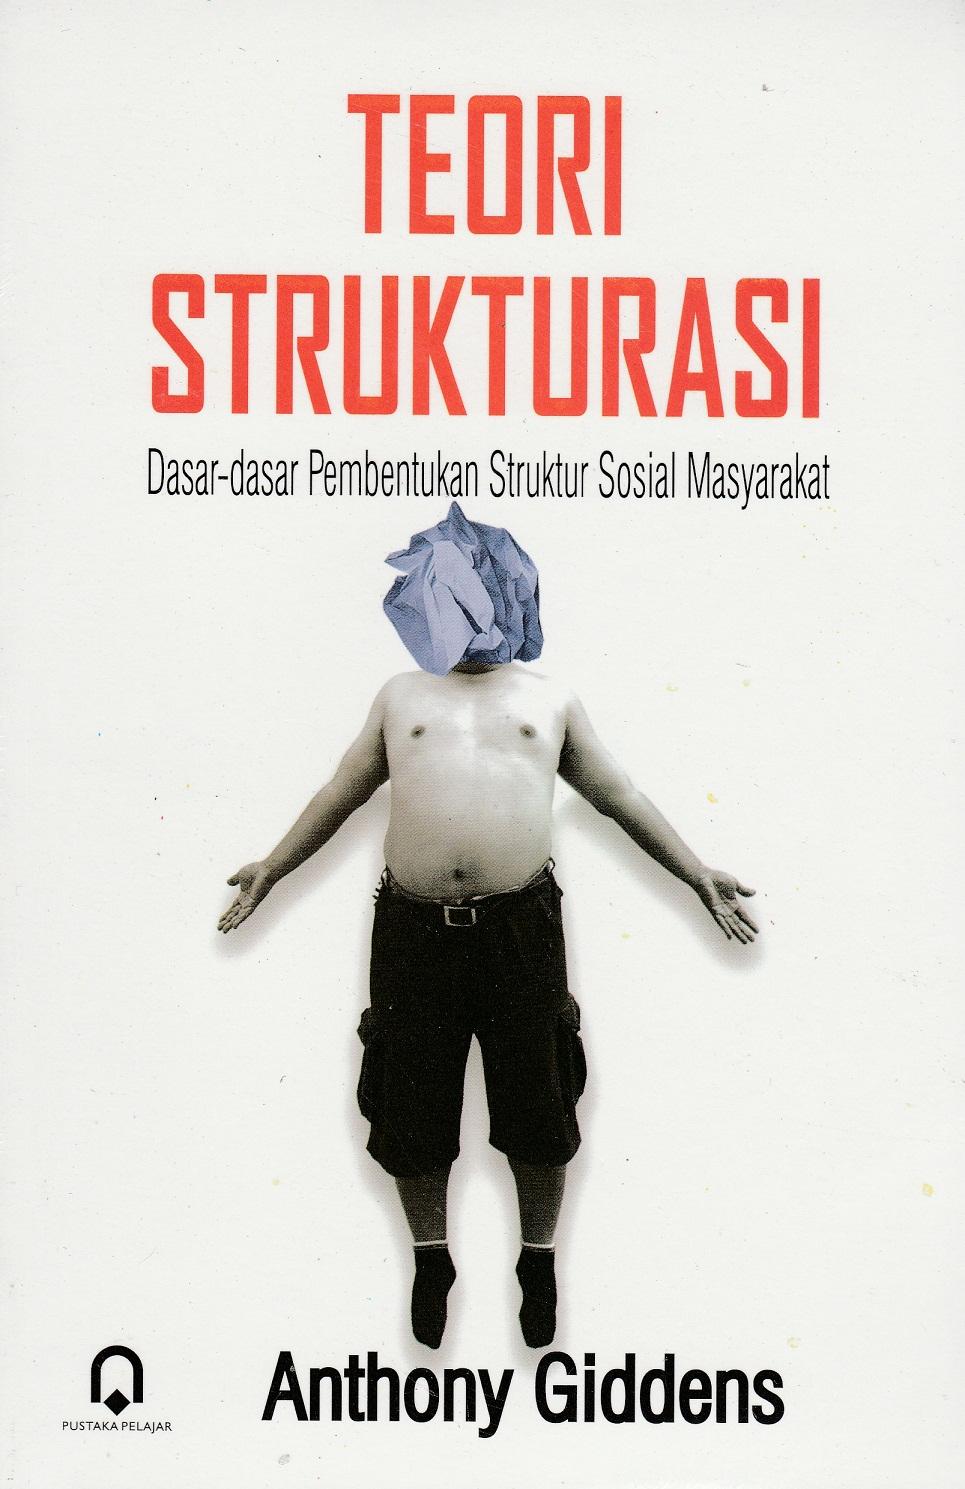 Teori Strukturasi Dasar-dasar Pembentukan Struktur Sosial Masyarakat